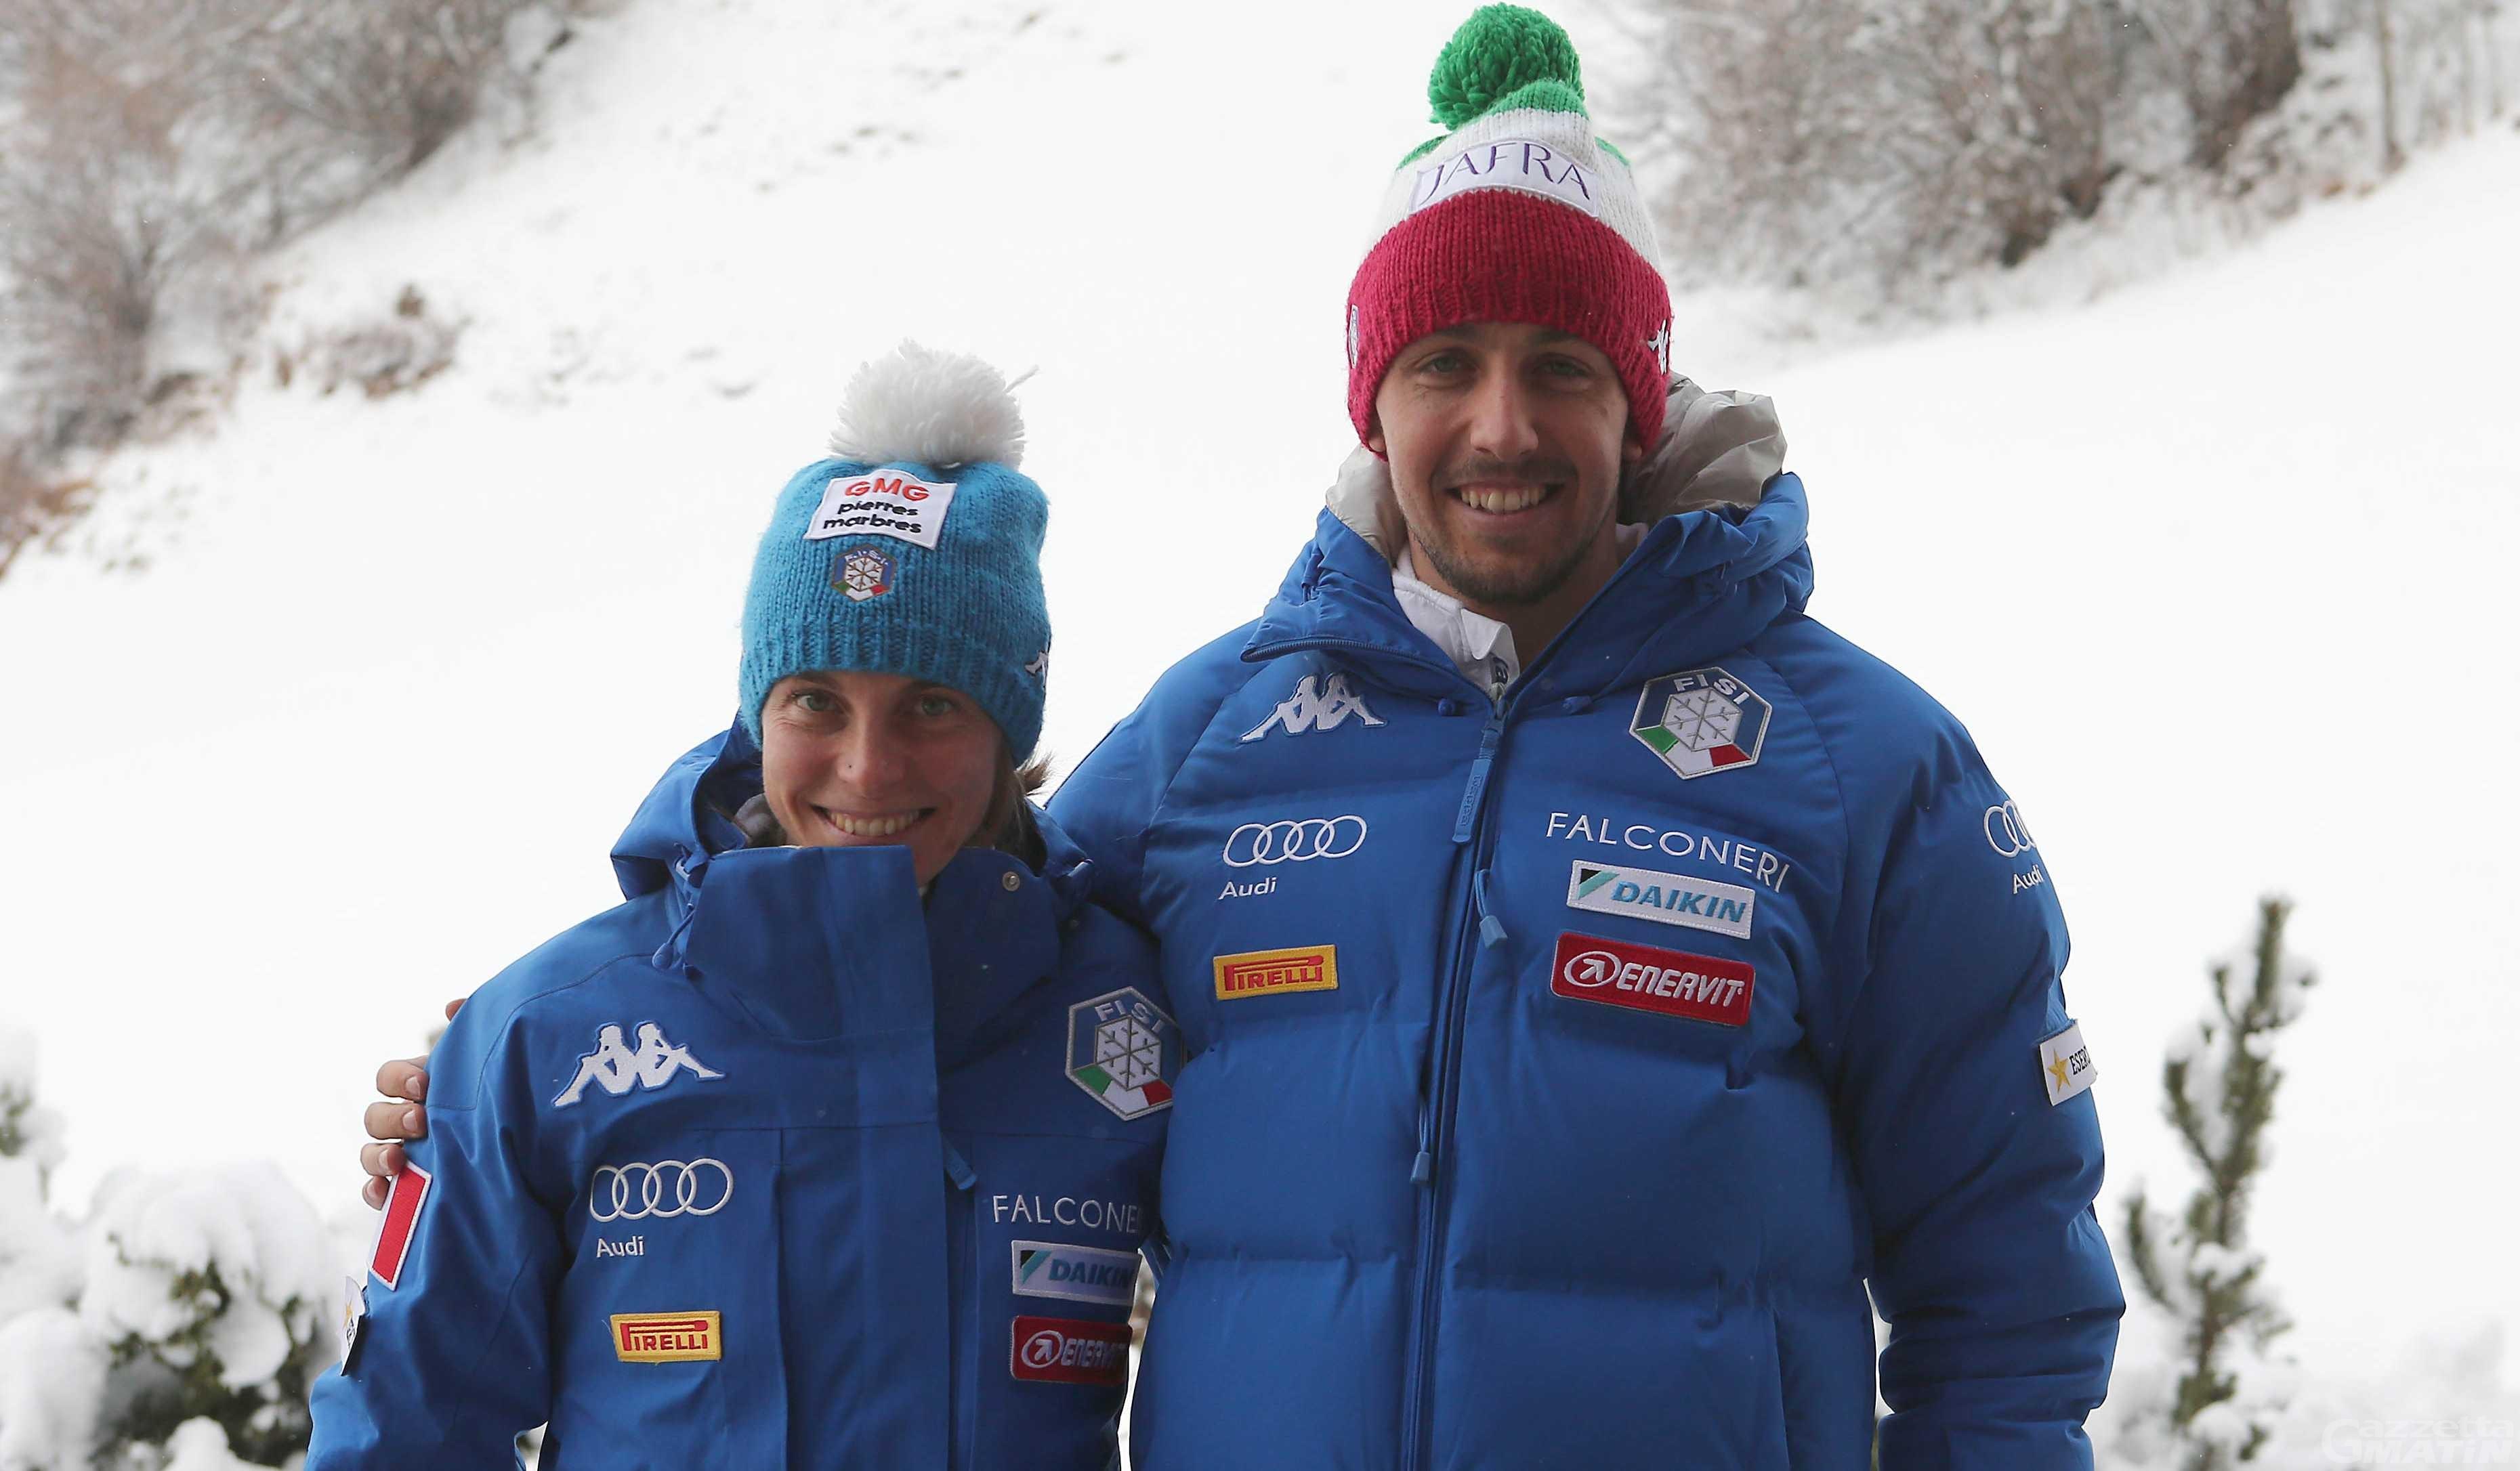 Tour de ski: De Fabiani terzo, brilla anche Brocard